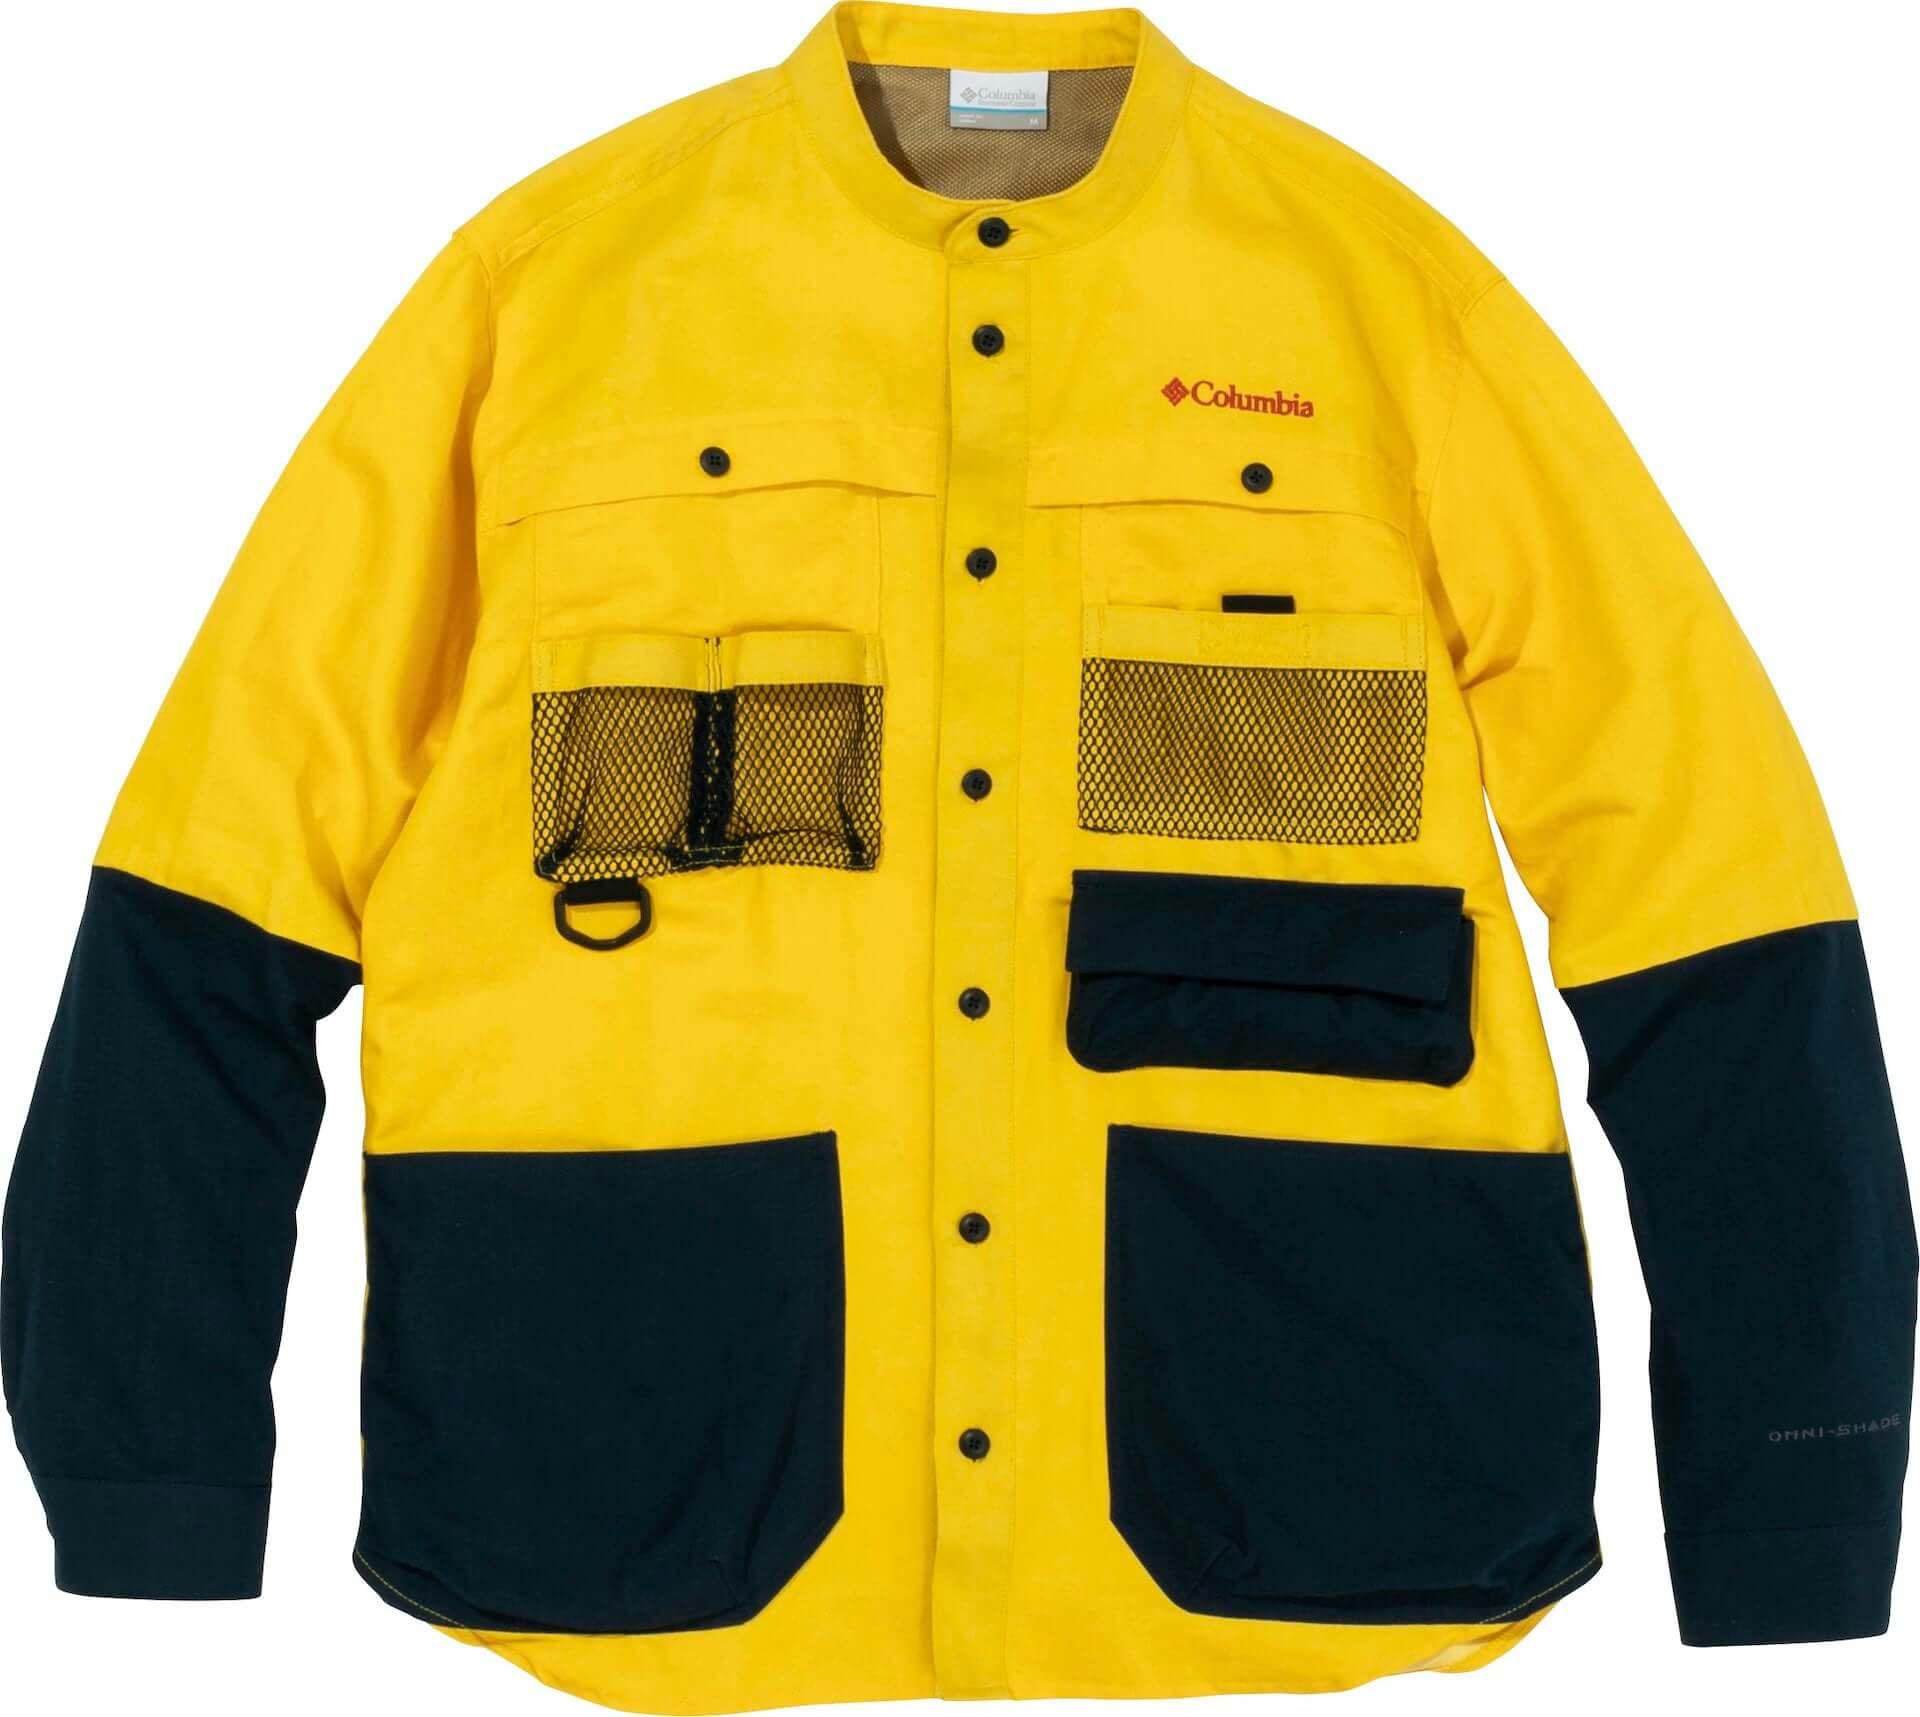 コロンビアとたけだバーベキューがコラボ!キャンプに最適な多機能シャツ、パンツ、シューズが発売決定 lf210210_coleman-takedabbq_11-1920x1717